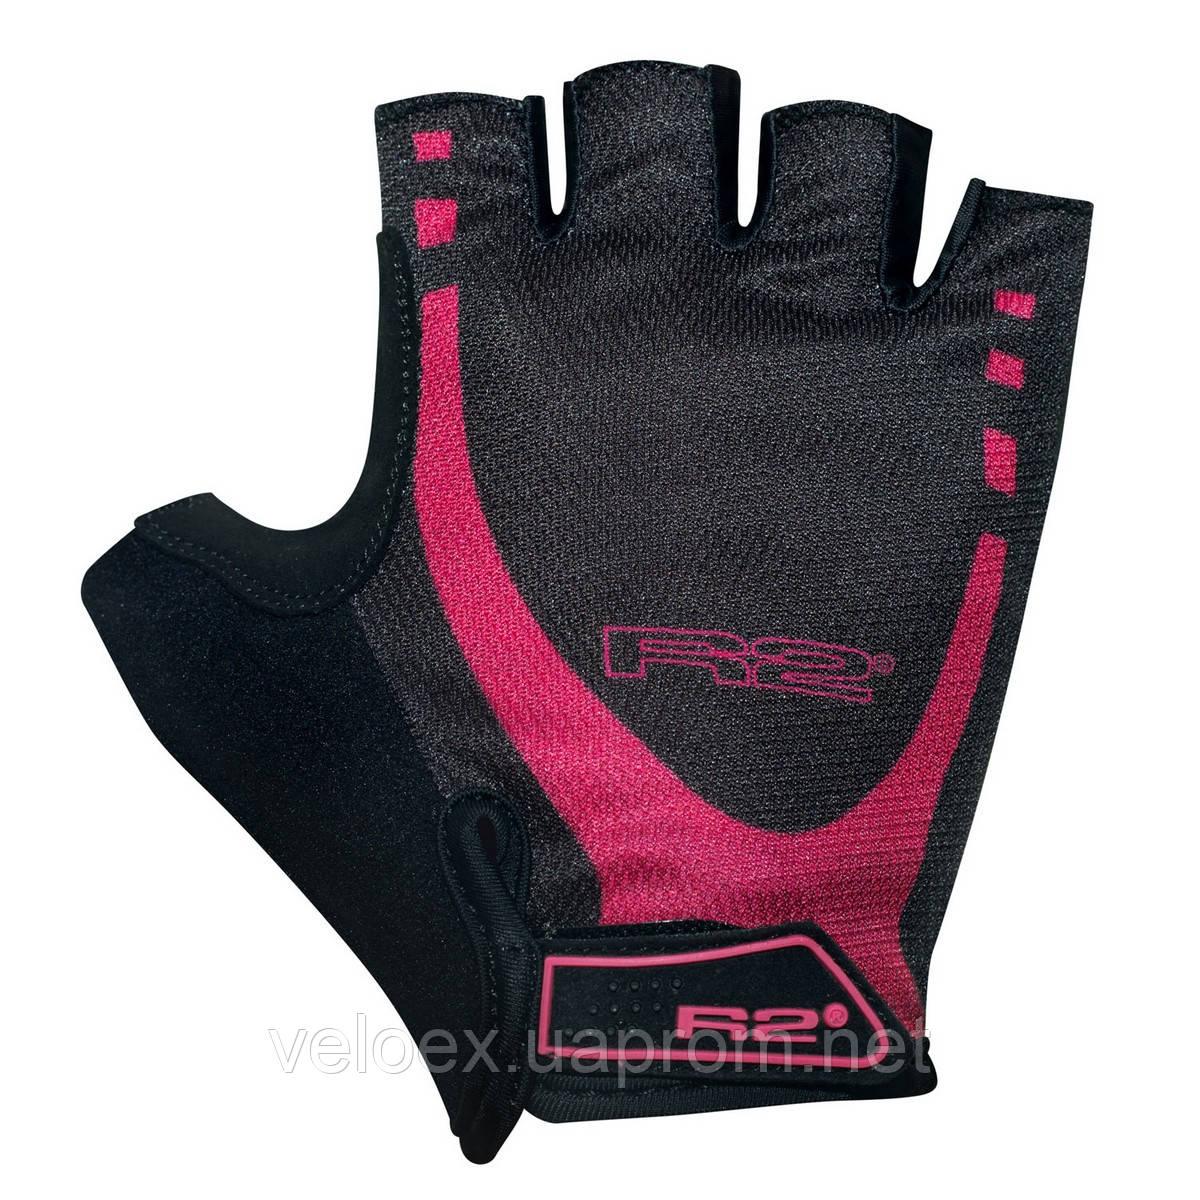 Перчатки R2 CUBEINO черно-розовые S